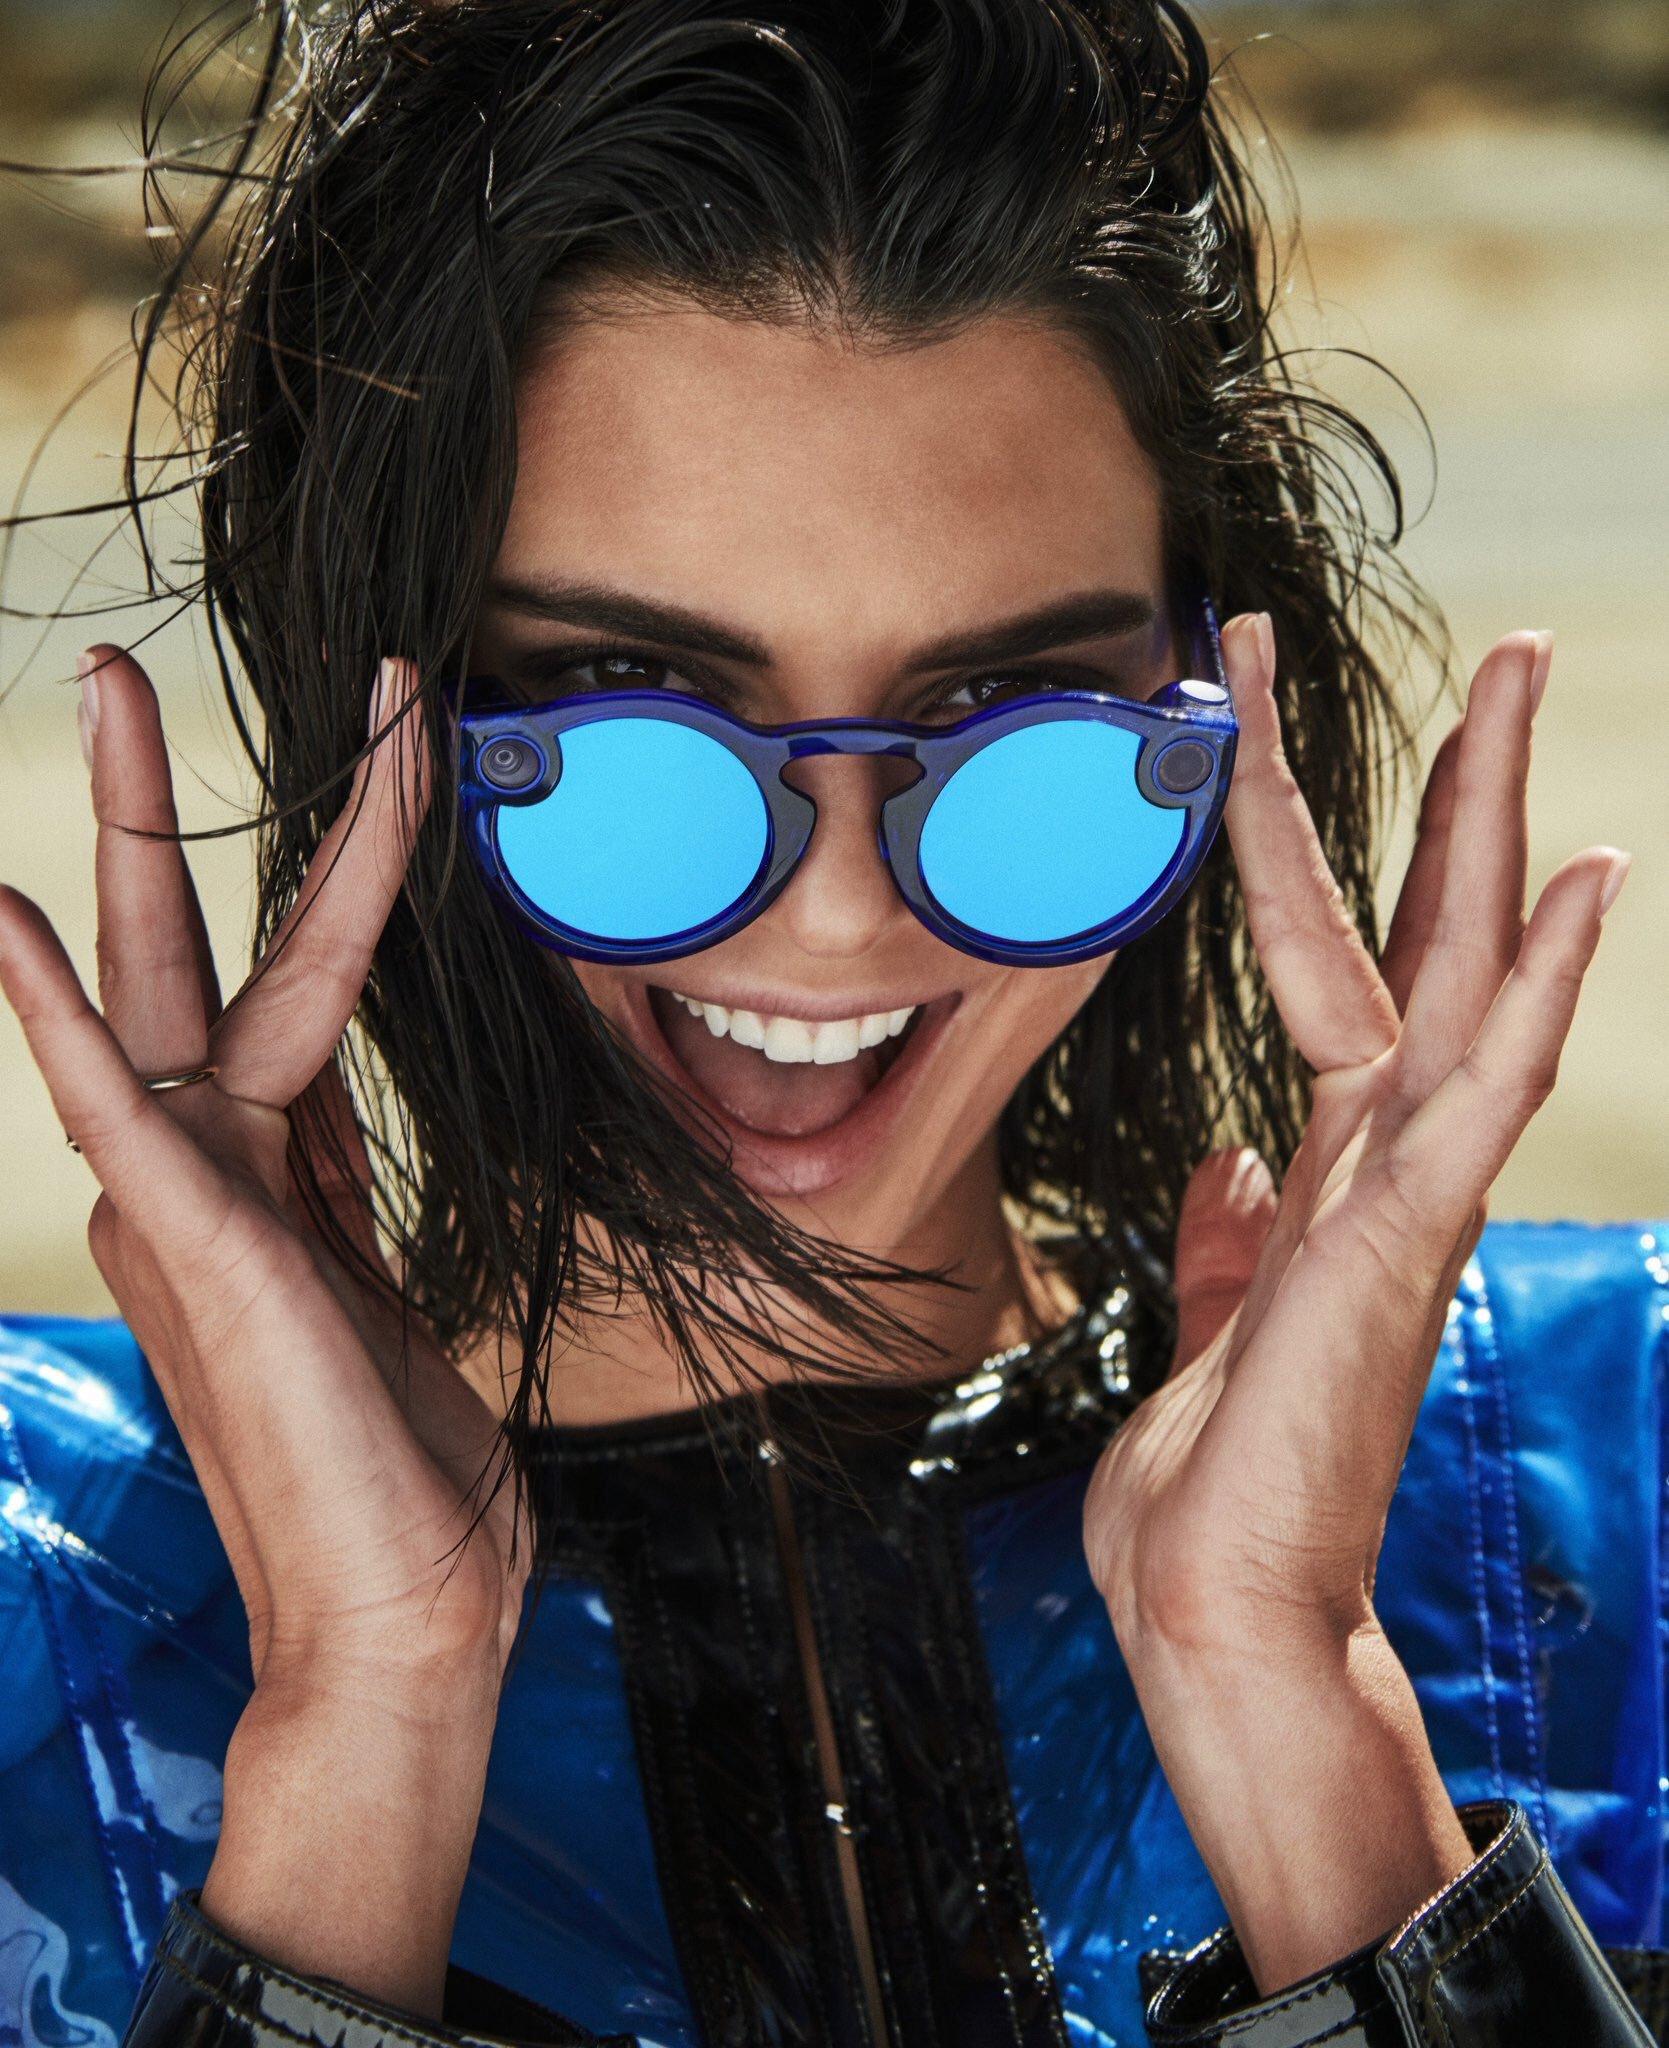 She is the model right now. Fondos De Pantalla Kendall Jenner Mujer Morena Mujeres Con Sombras Cabello Corto Mirando Al Espectador Retrato Modelo 1669x2048 Vfgx 1658505 Fondos De Pantalla Wallhere